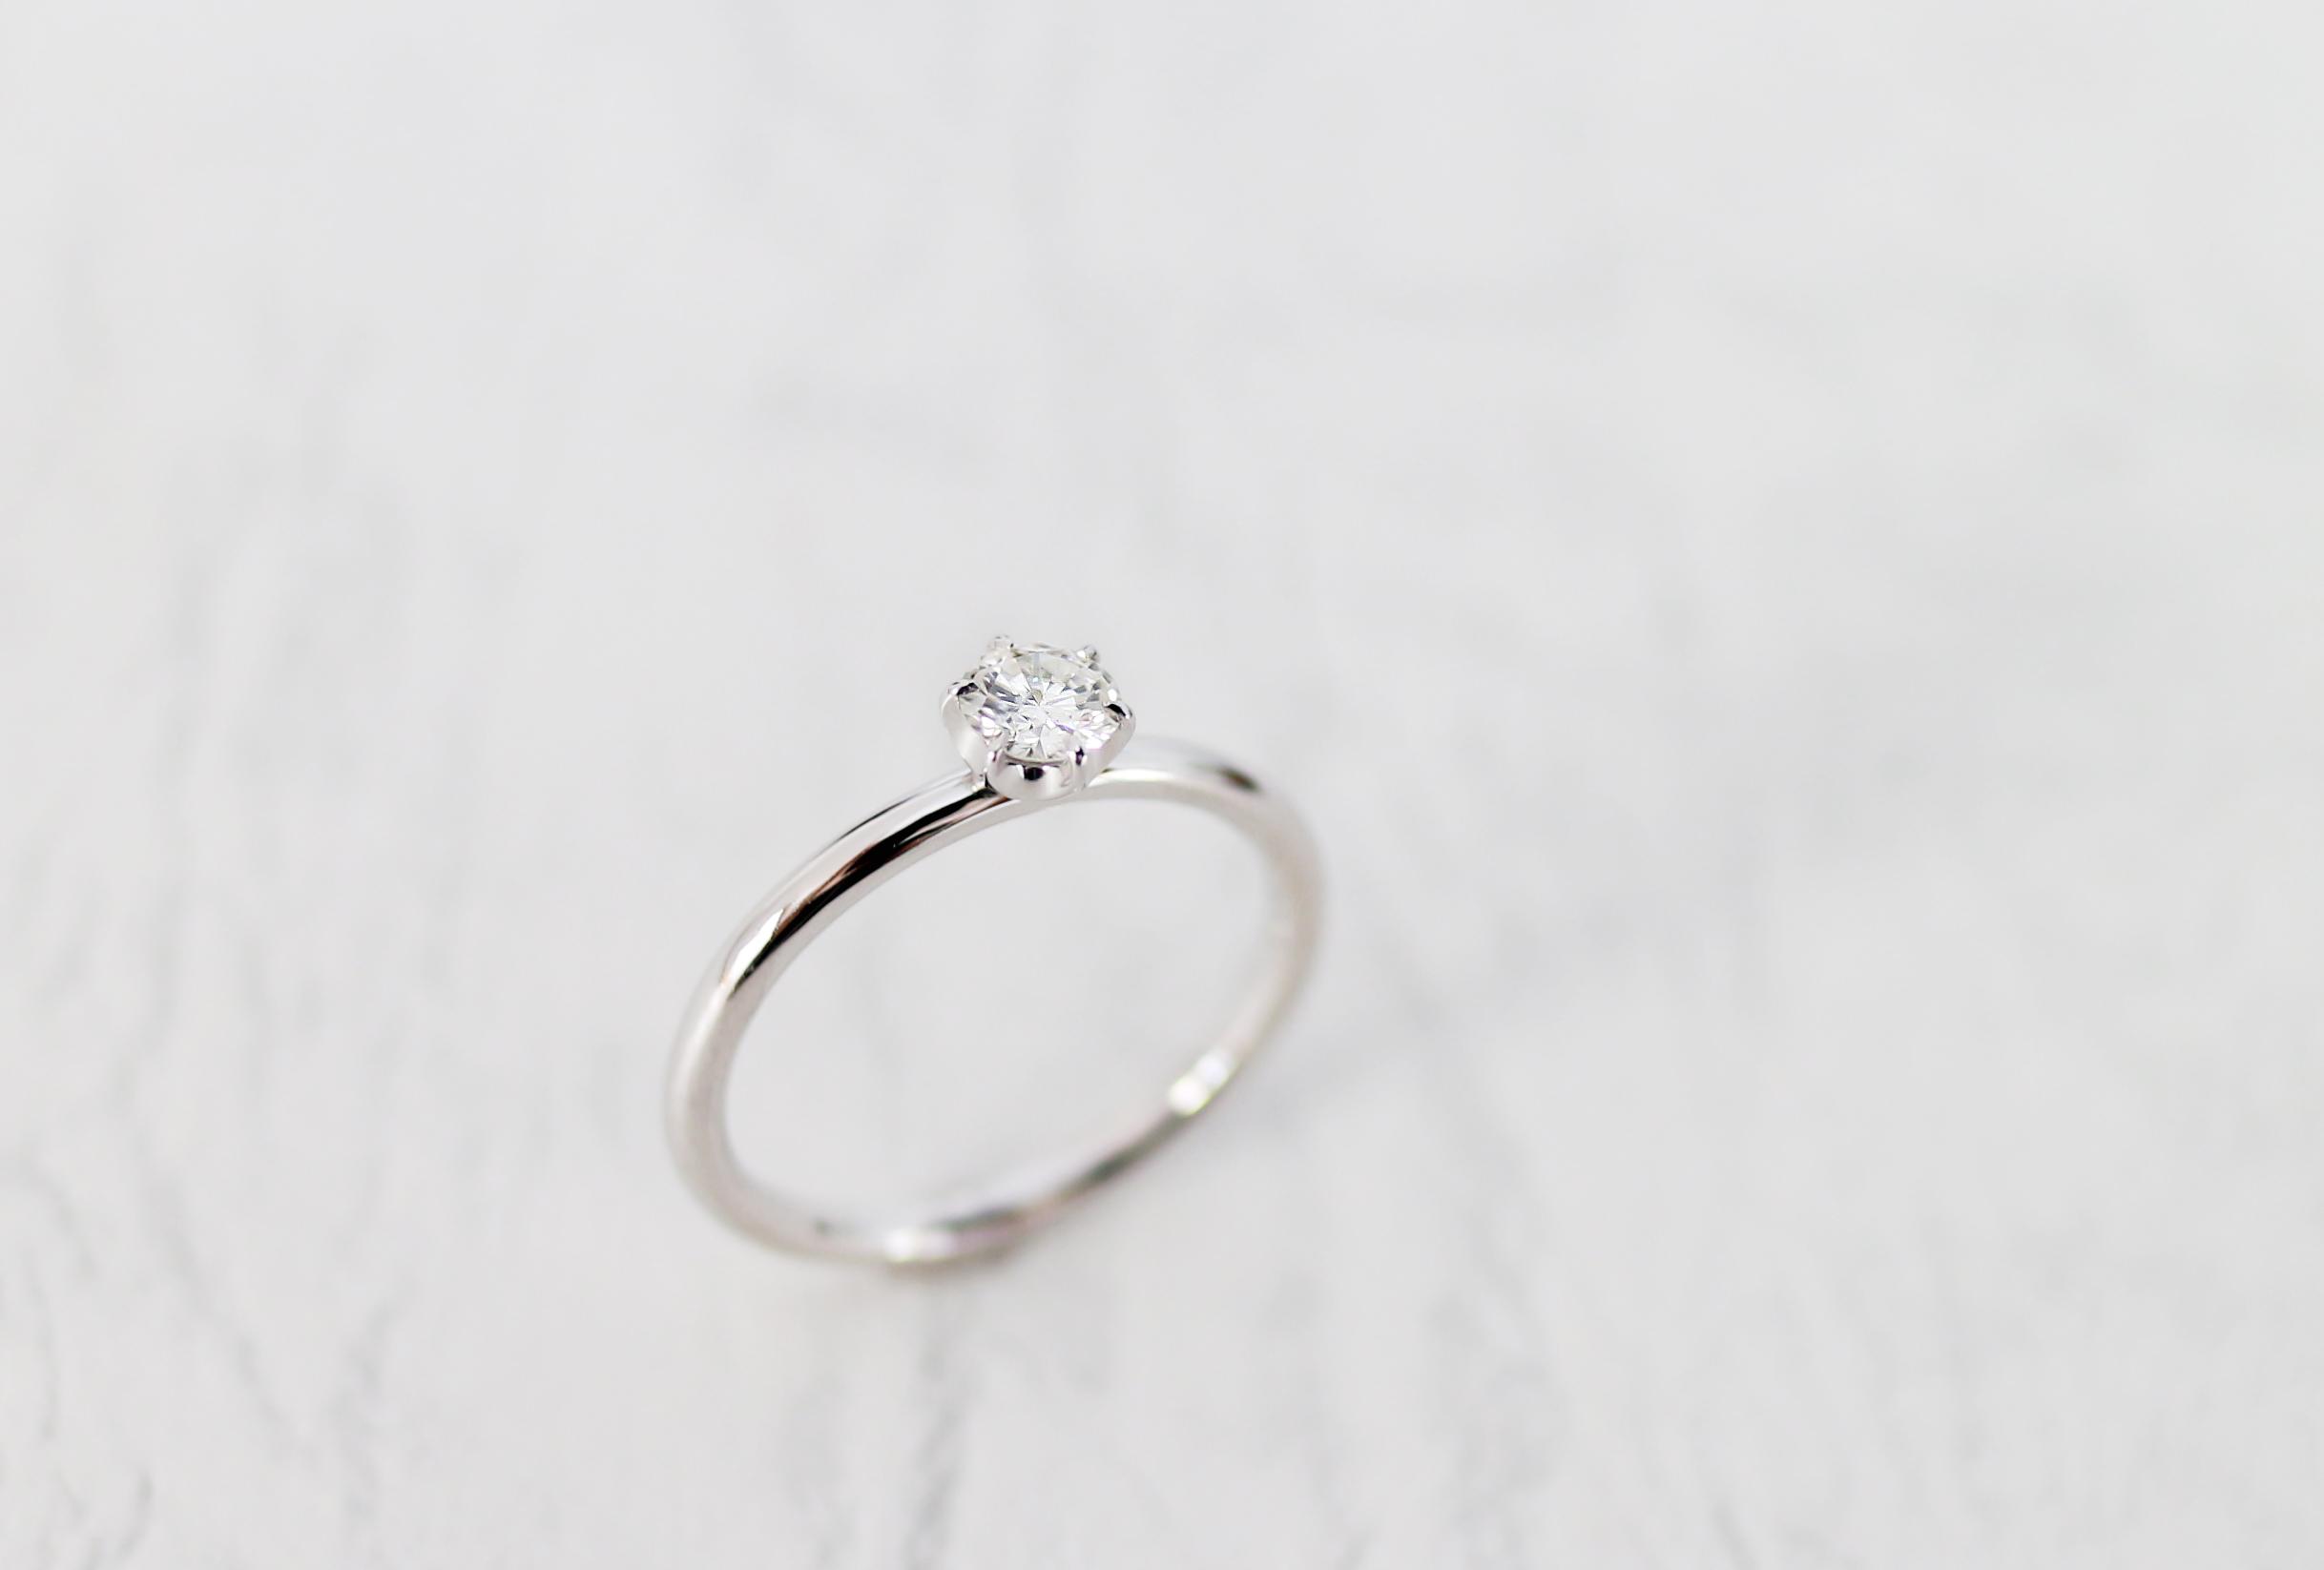 シンプルなエンゲージリング(婚約指輪)